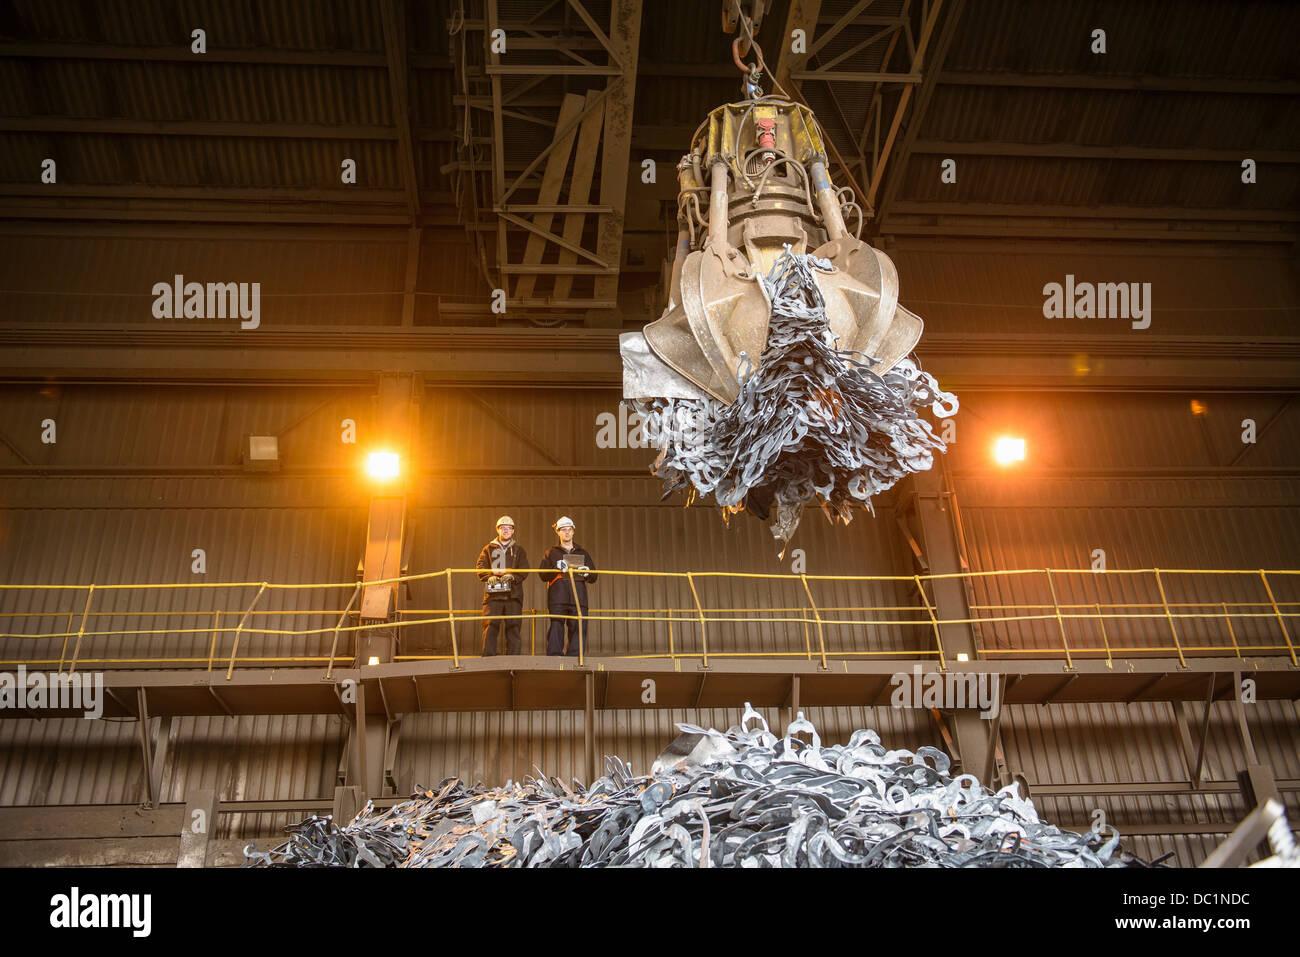 Les travailleurs de l'acier mécanique regarder grabber in steel foundry Photo Stock